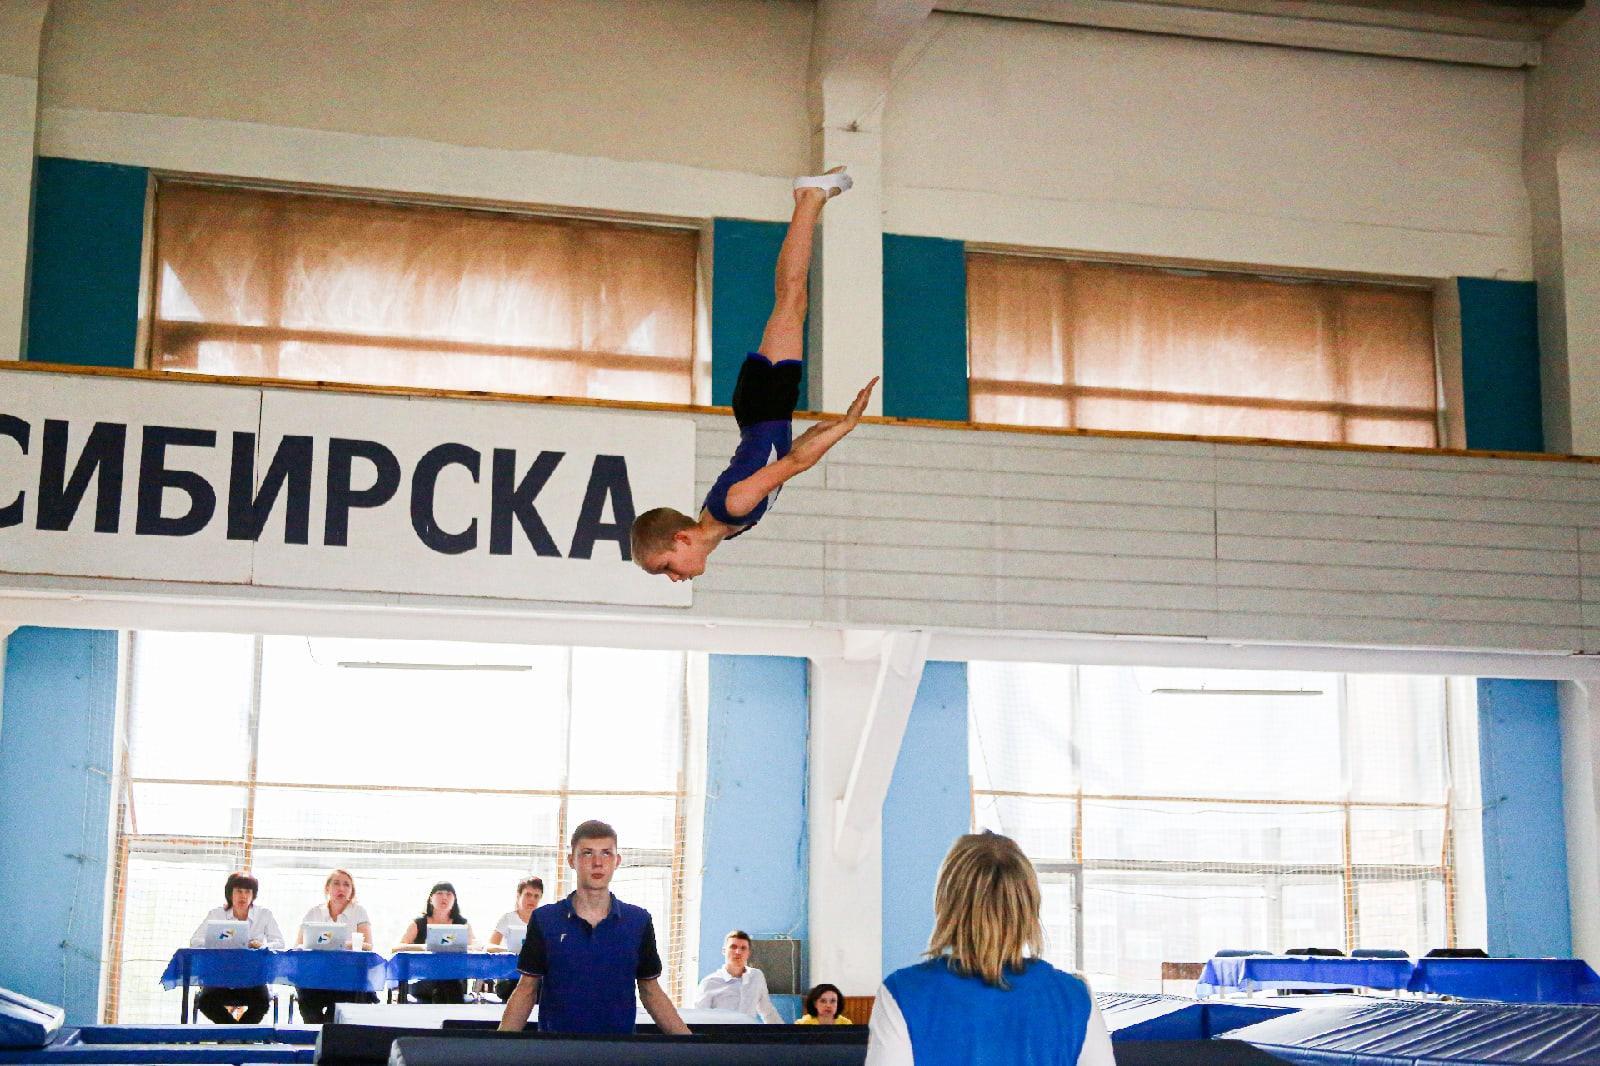 фото Всероссийские соревнования по прыжкам на батуте проходят в Новосибирске 14